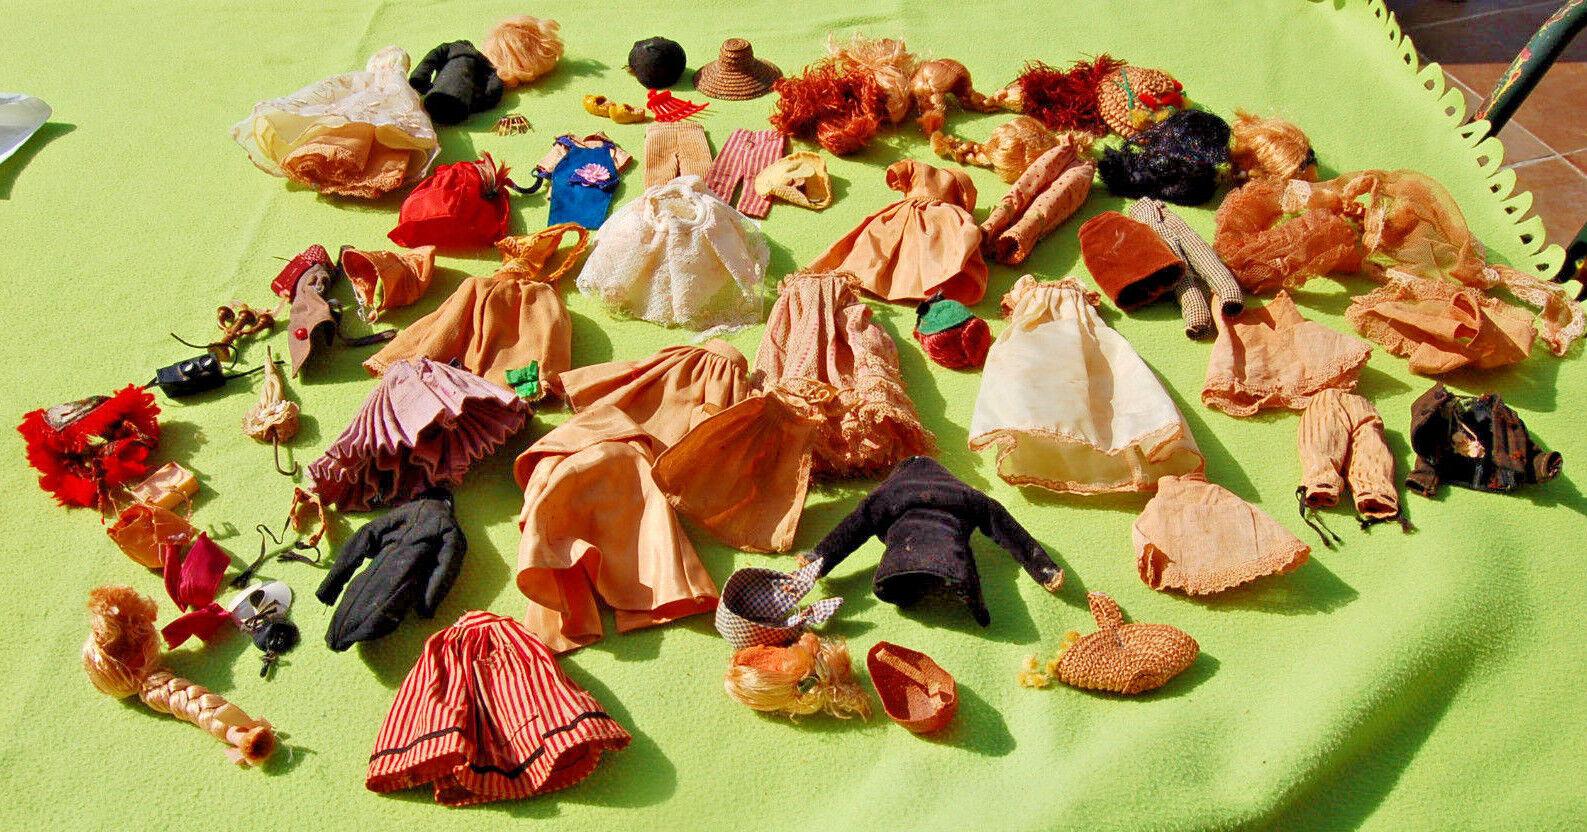 Habits , accessoires et perruque  de poupée Peynet ancien vendu en l'état  connotazione di lusso low-key